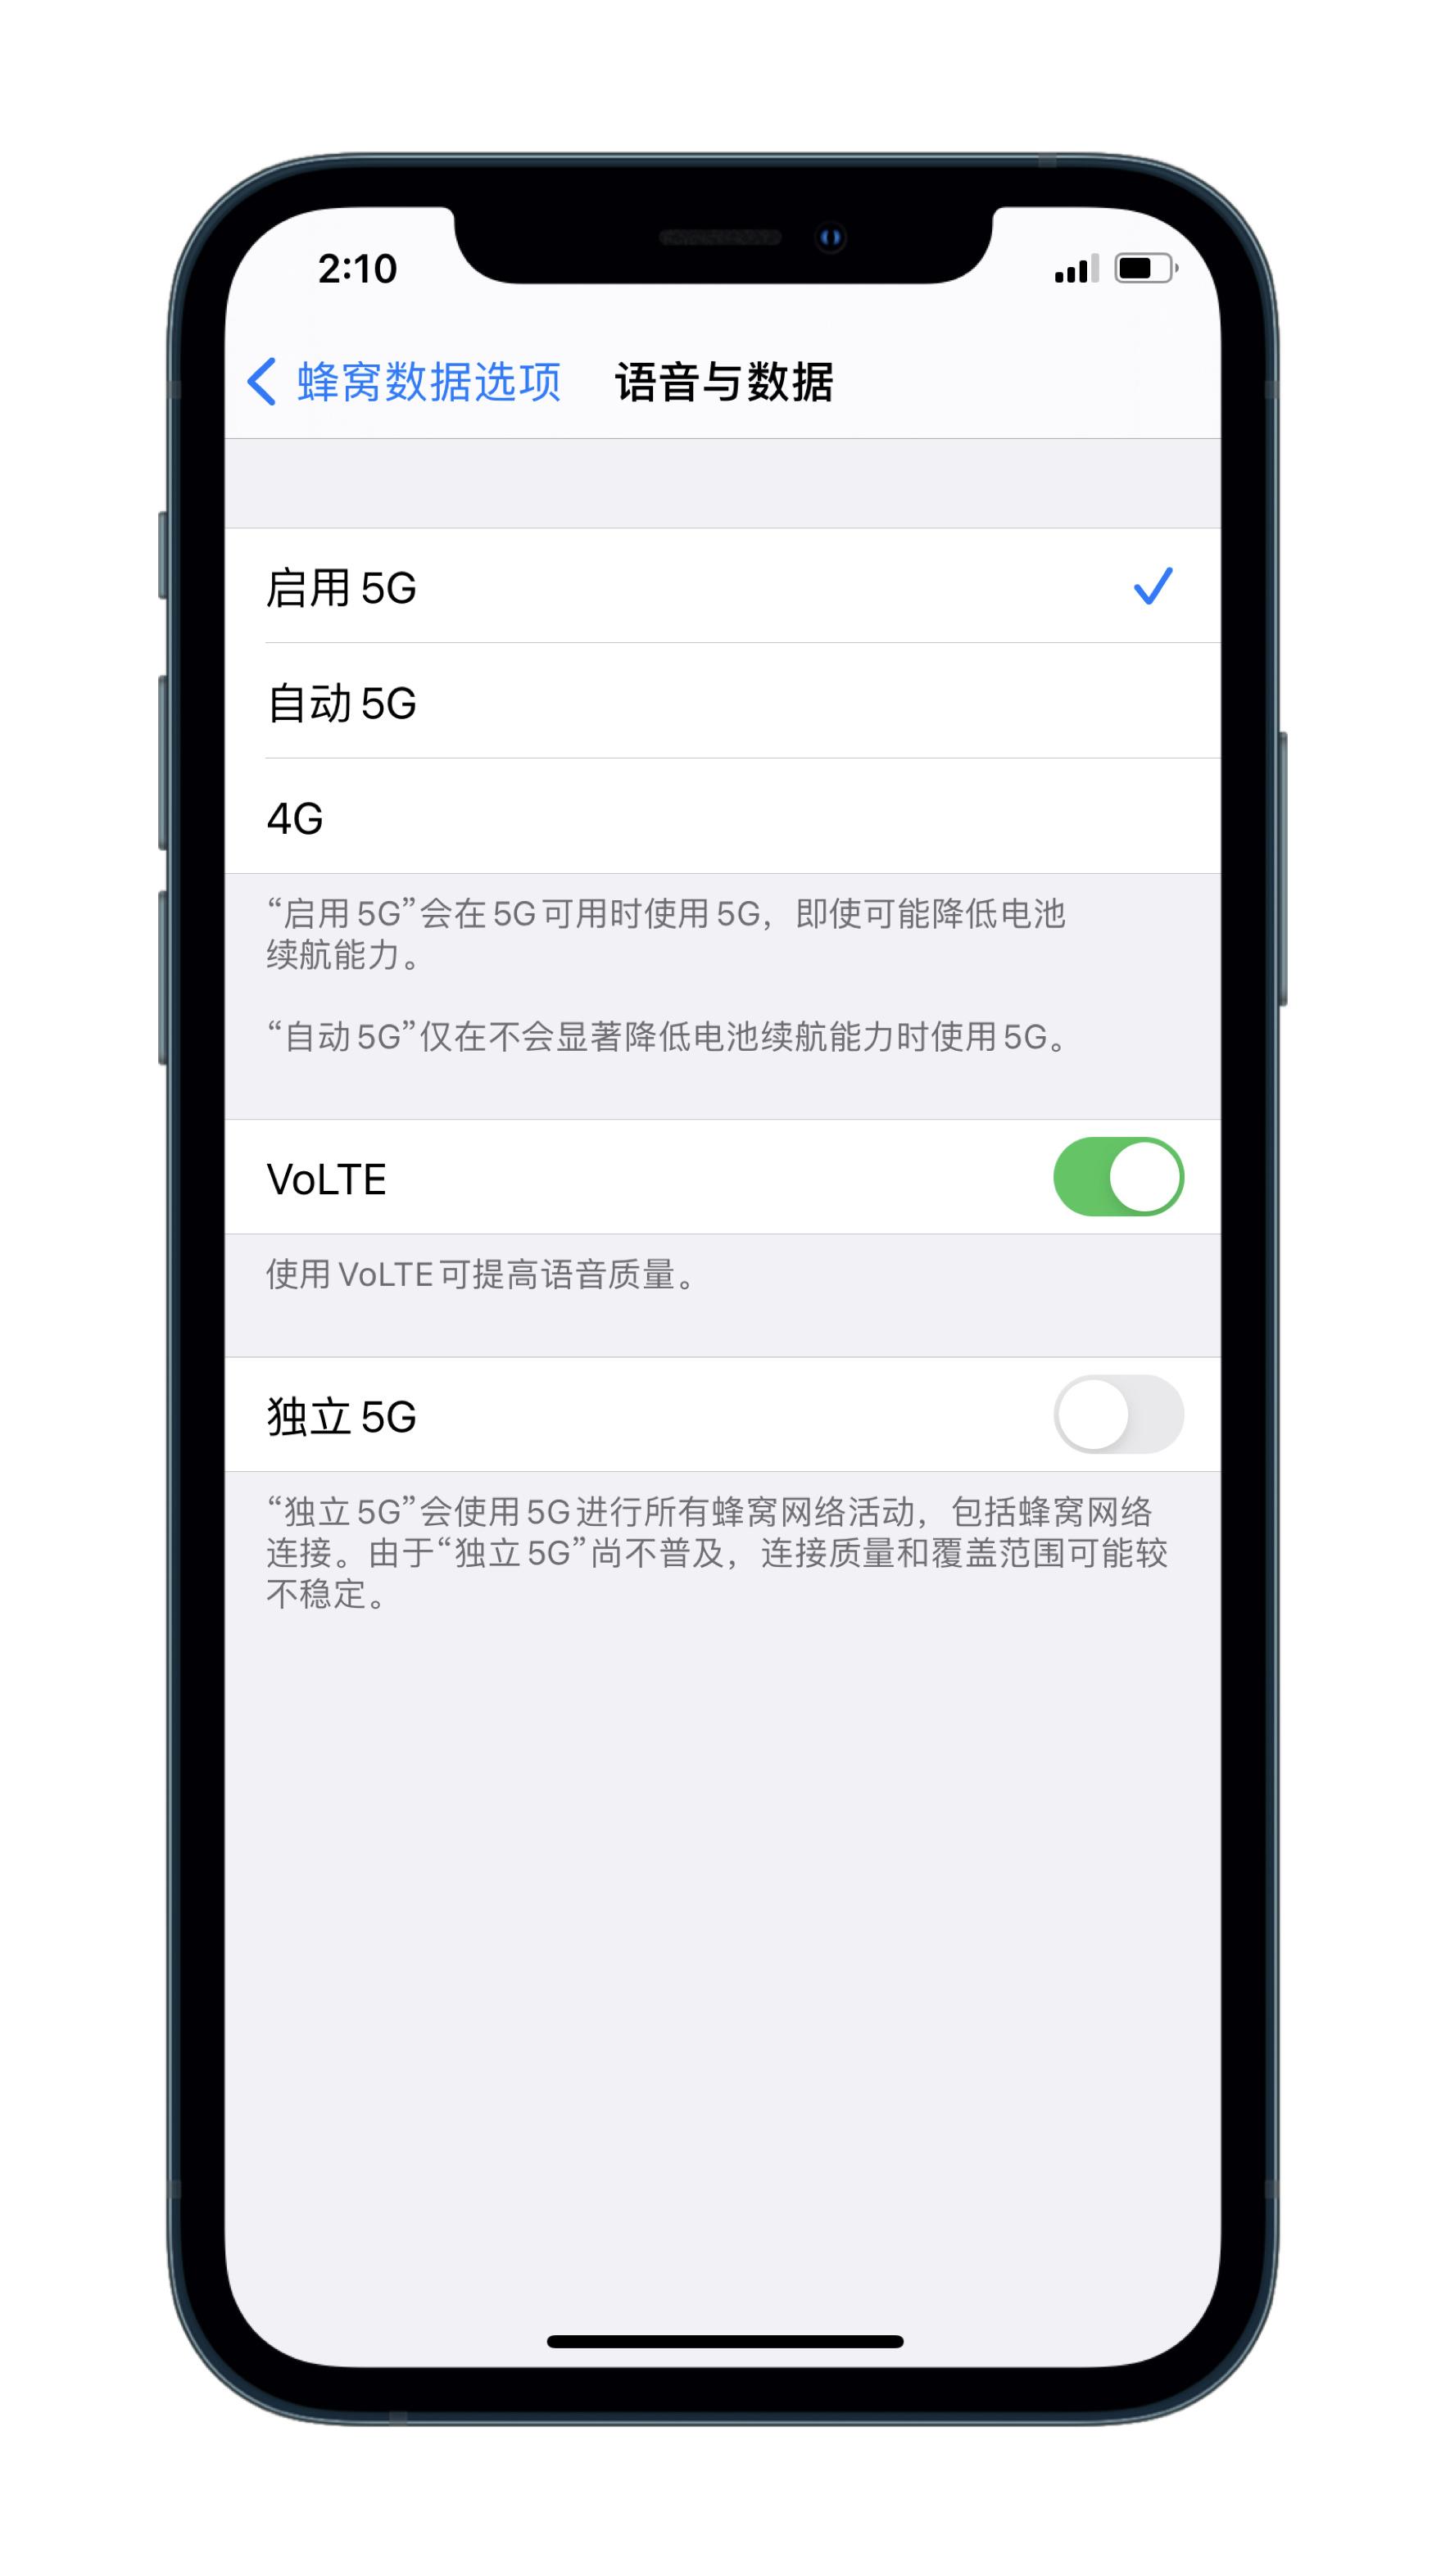 iPhone 12支持使用蜂窝数据下载iOS更新吗?